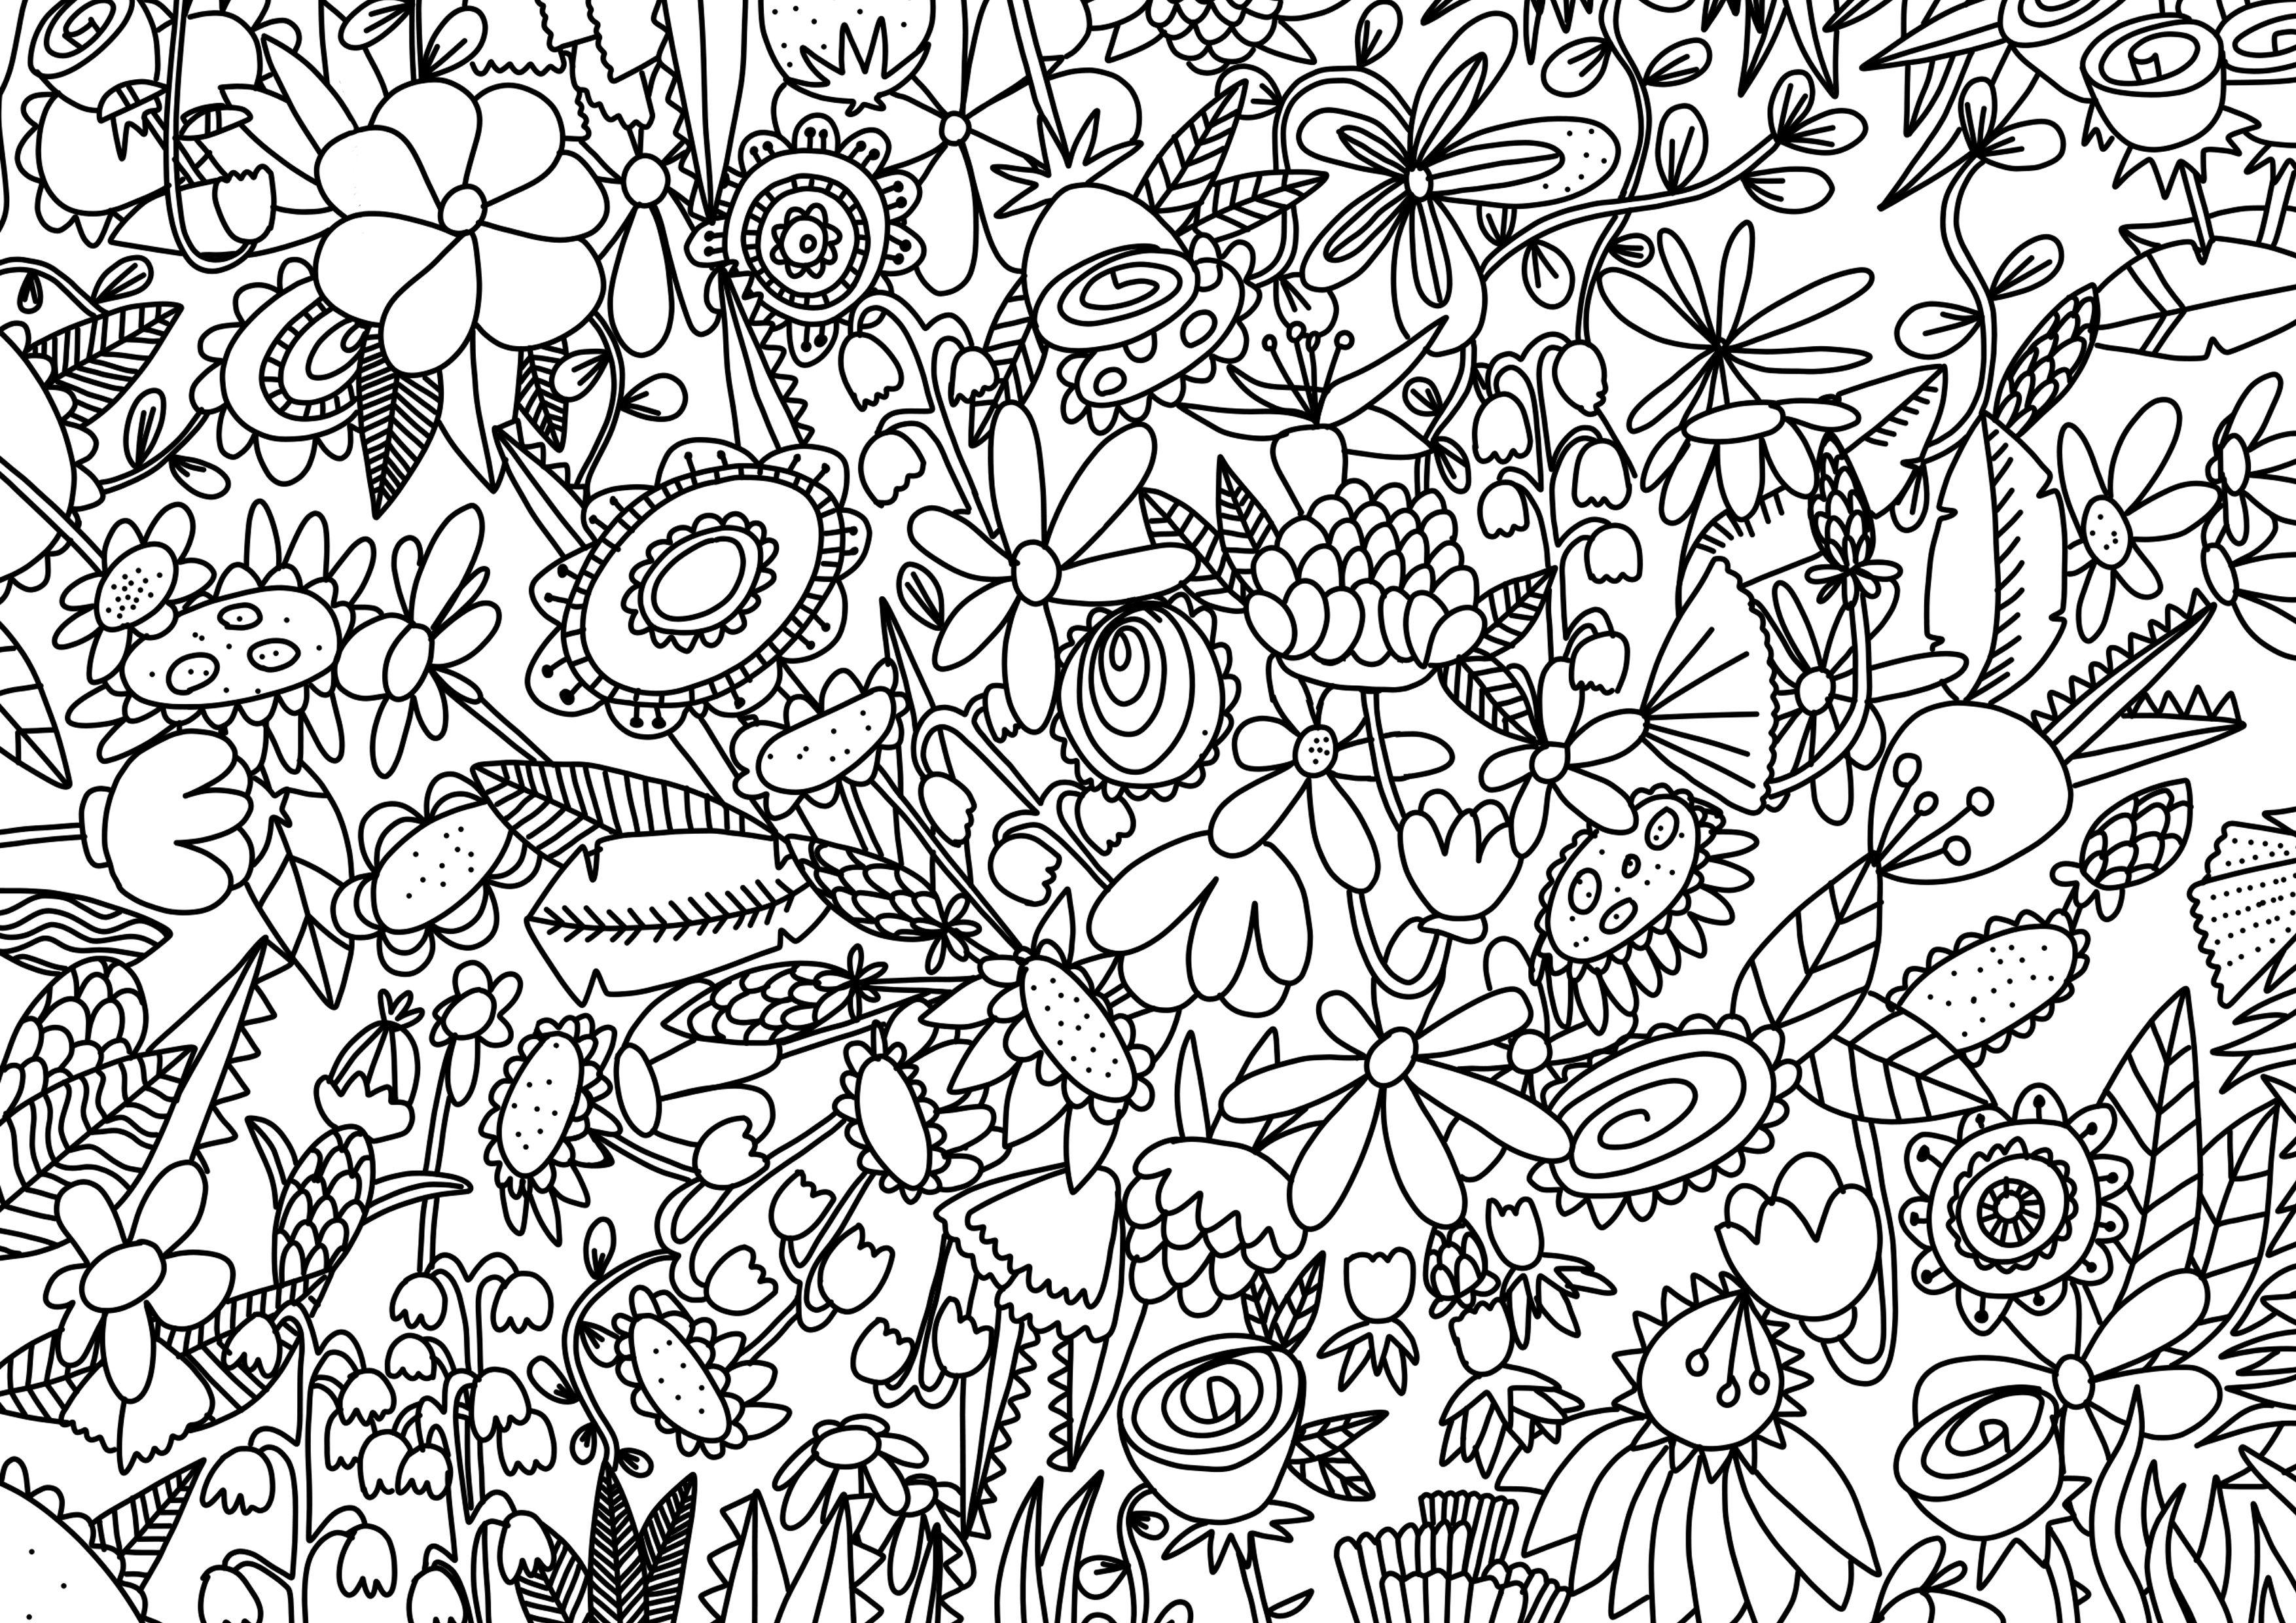 Medias.elle.fr Thotnet Elle Coloriage Coloriage%20Fleurs concernant Coloriage Fleur